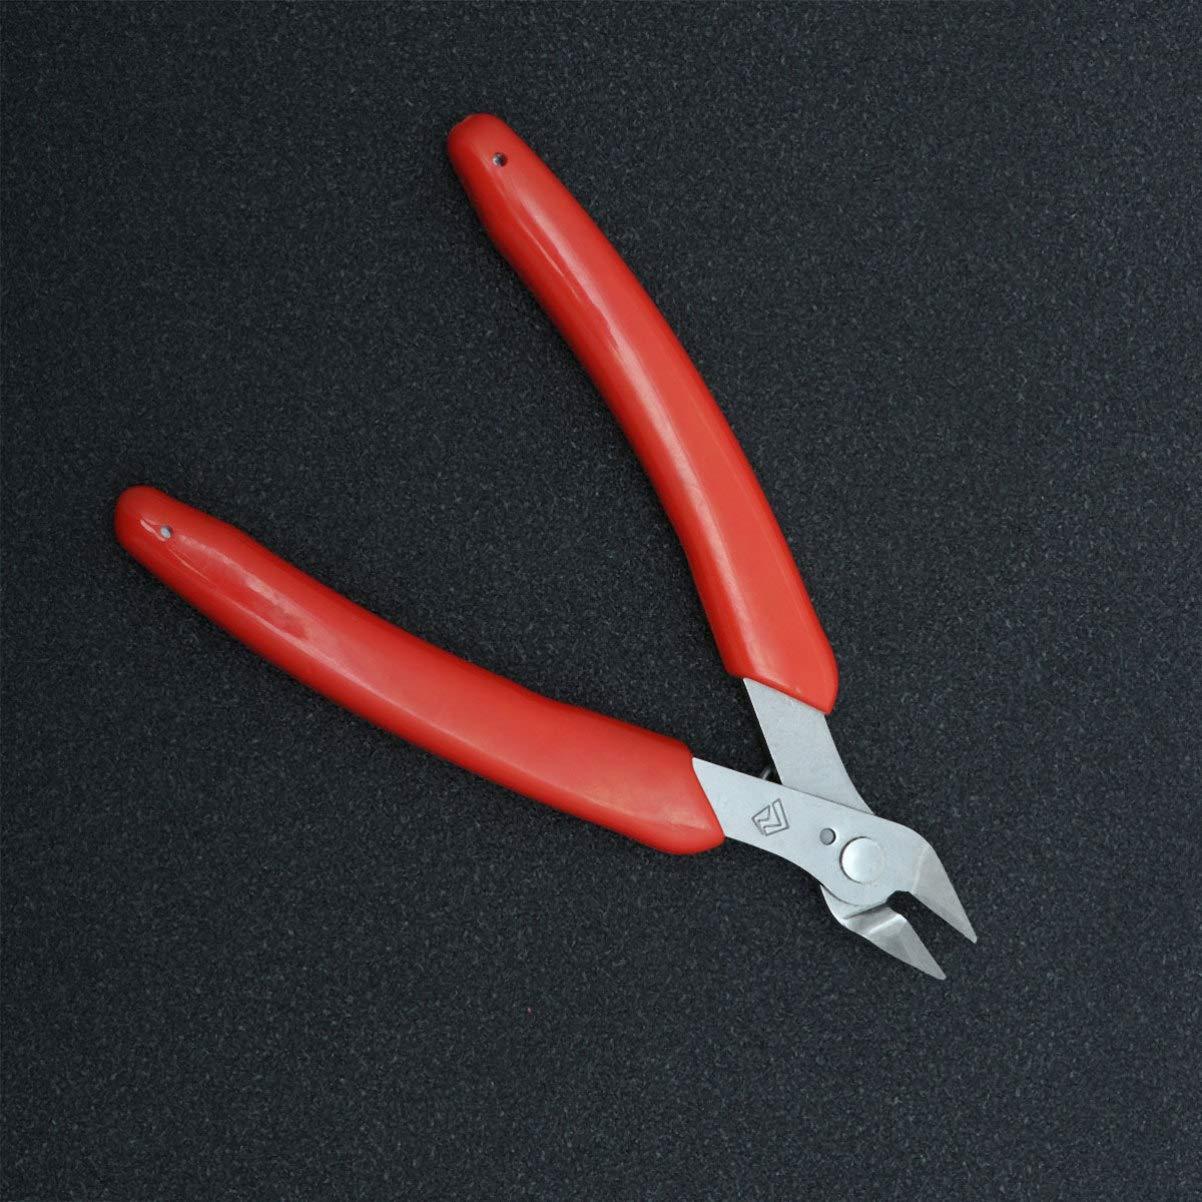 rojo DOITOOL Cortador de microcables de acero al carbono de 1 pieza alicates de corte lateral de precisi/ón para corte de alambre electr/ónico con un mango suave de resorte de apertura